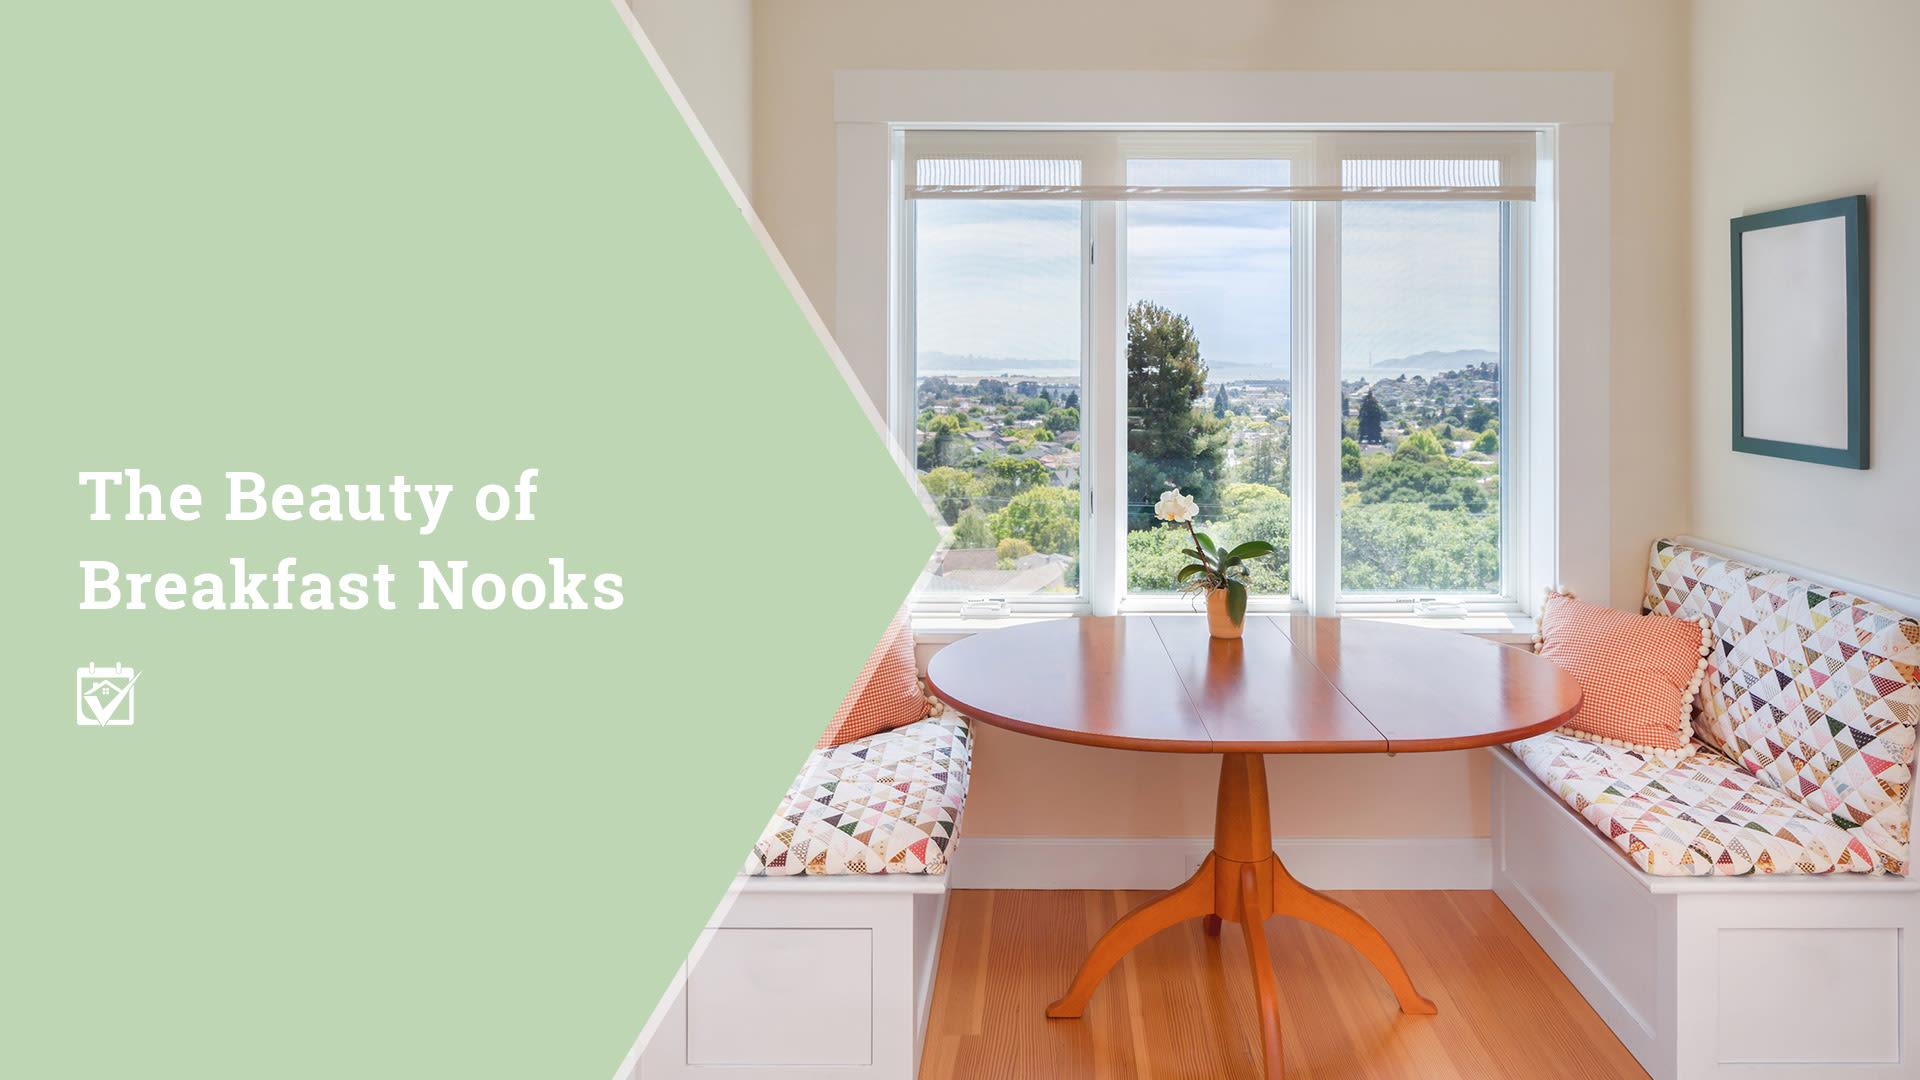 The Beauty of Breakfast Nooks